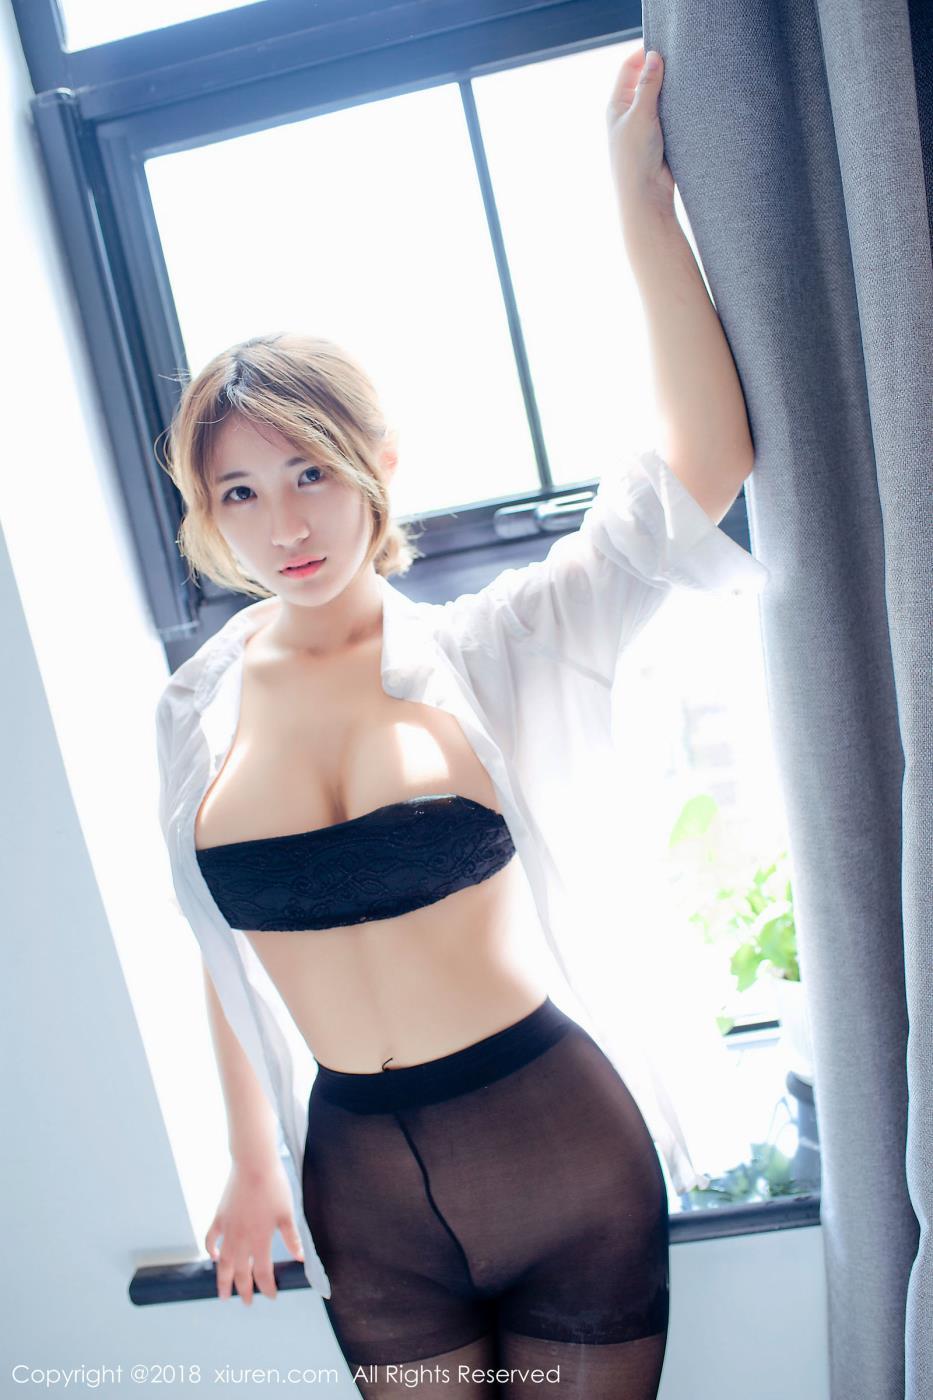 秀人网模特久久Aimee巨乳美女丝袜美腿诱人写真套图